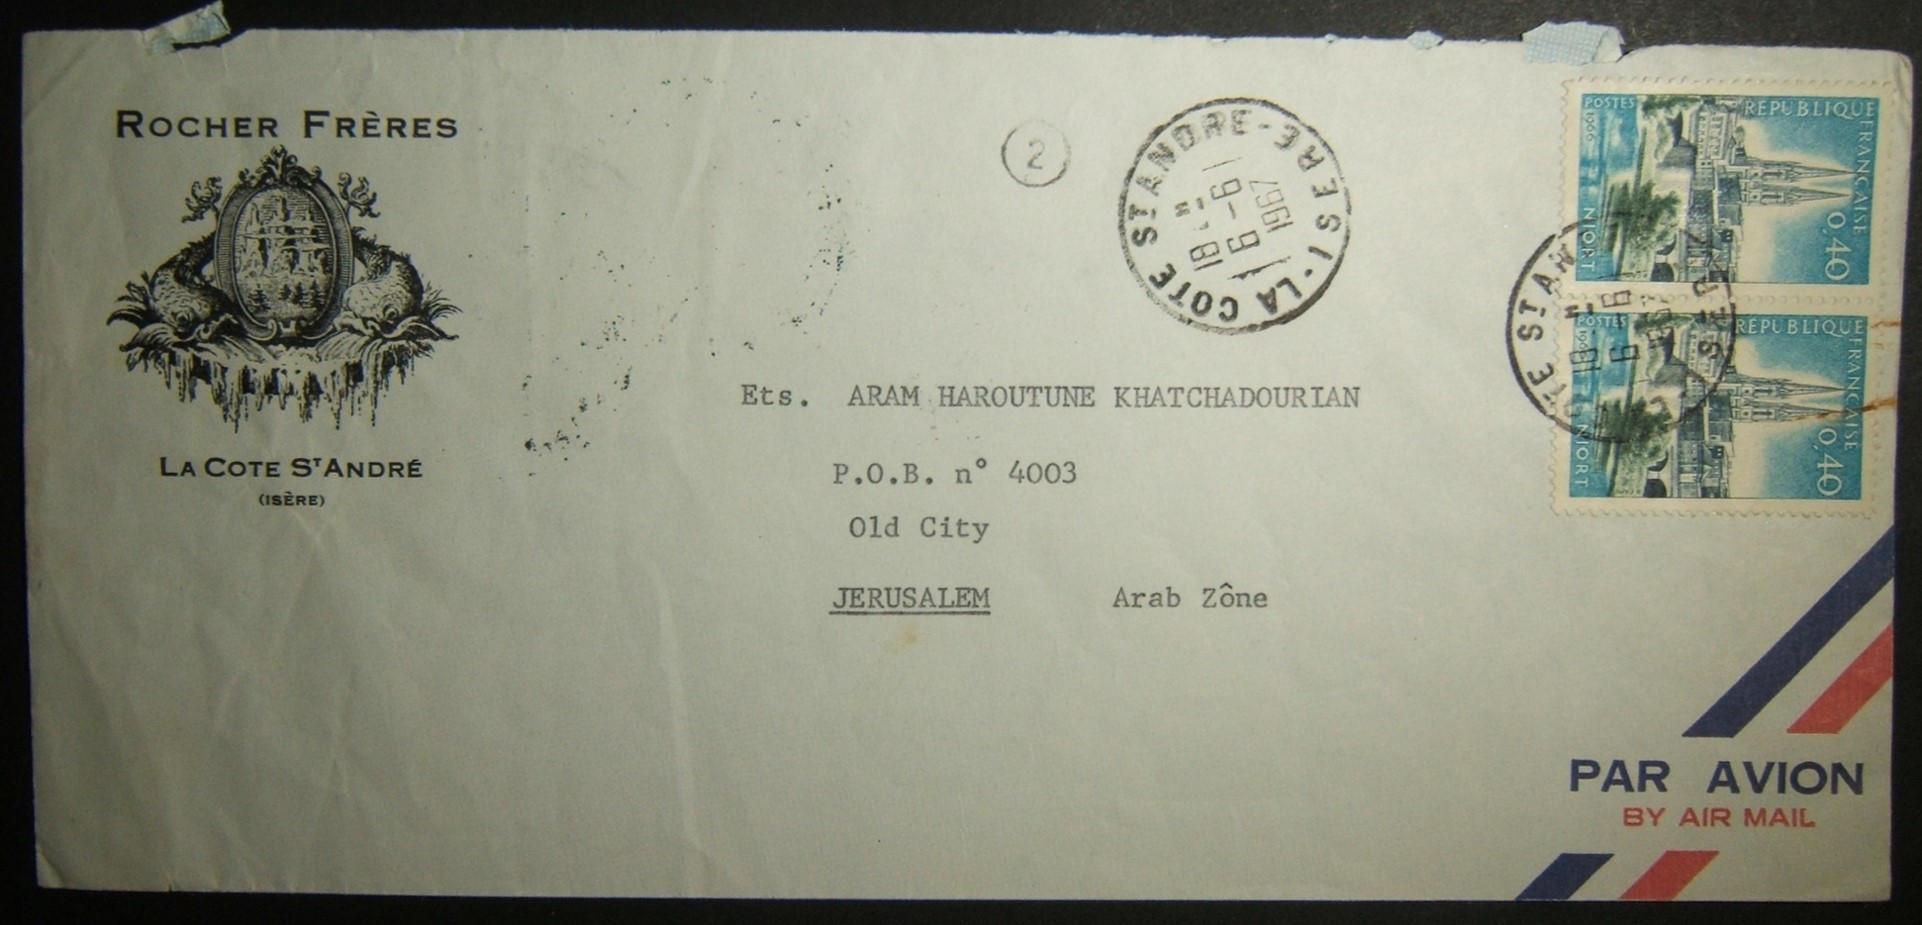 6/1967 דואר אוויר צרפתי לירושלים הירדנית, מתעכב על ידי המלחמה והועבר לישראל על ידי הצלב האדום